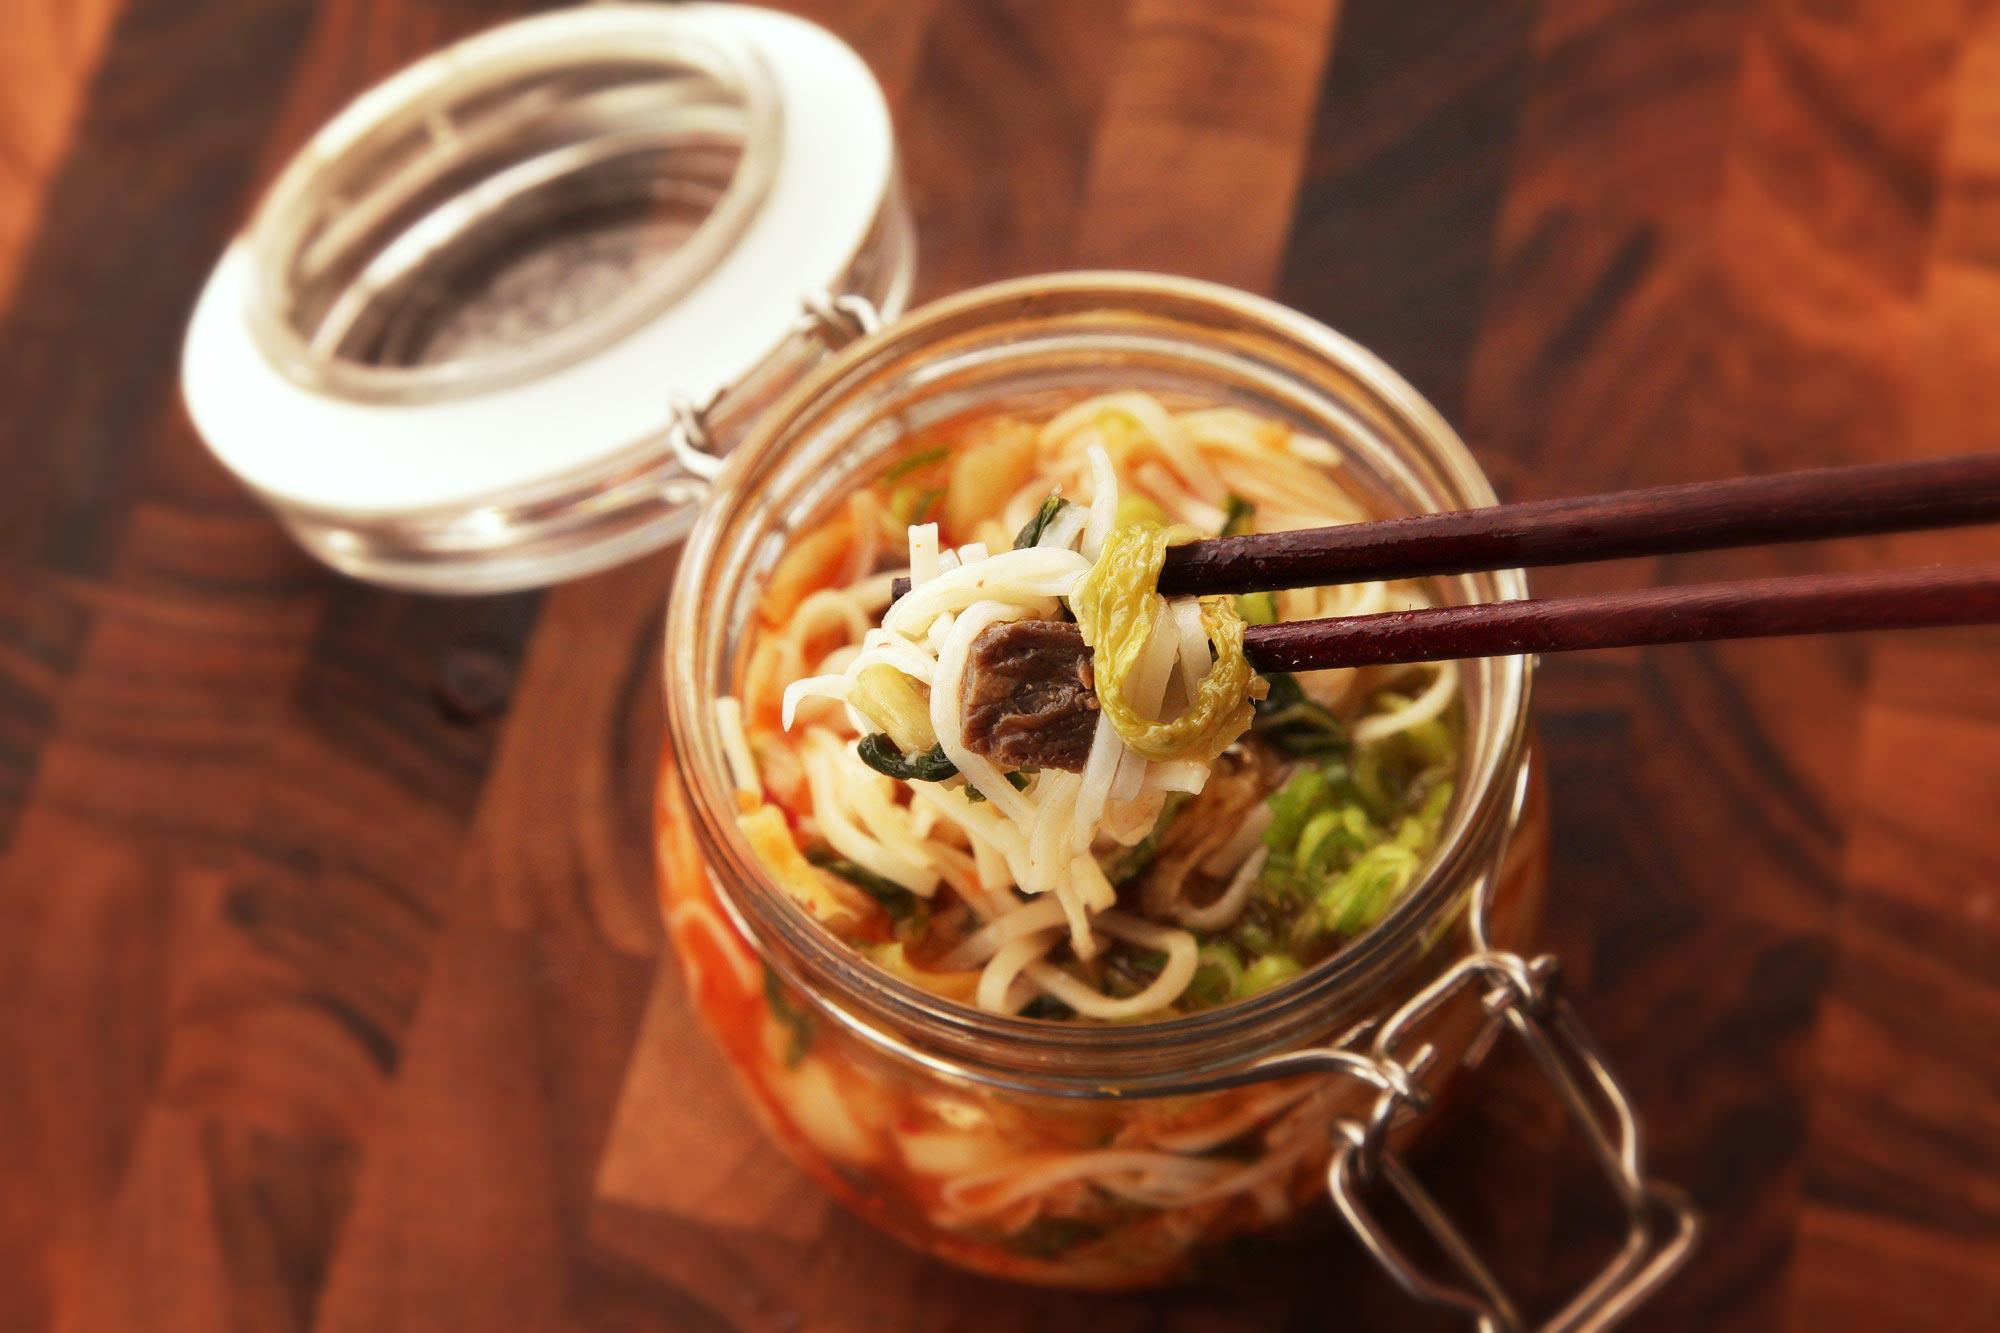 como hacer tus porpios botes de fideos japoneses y ramen instantaneo caseros 4